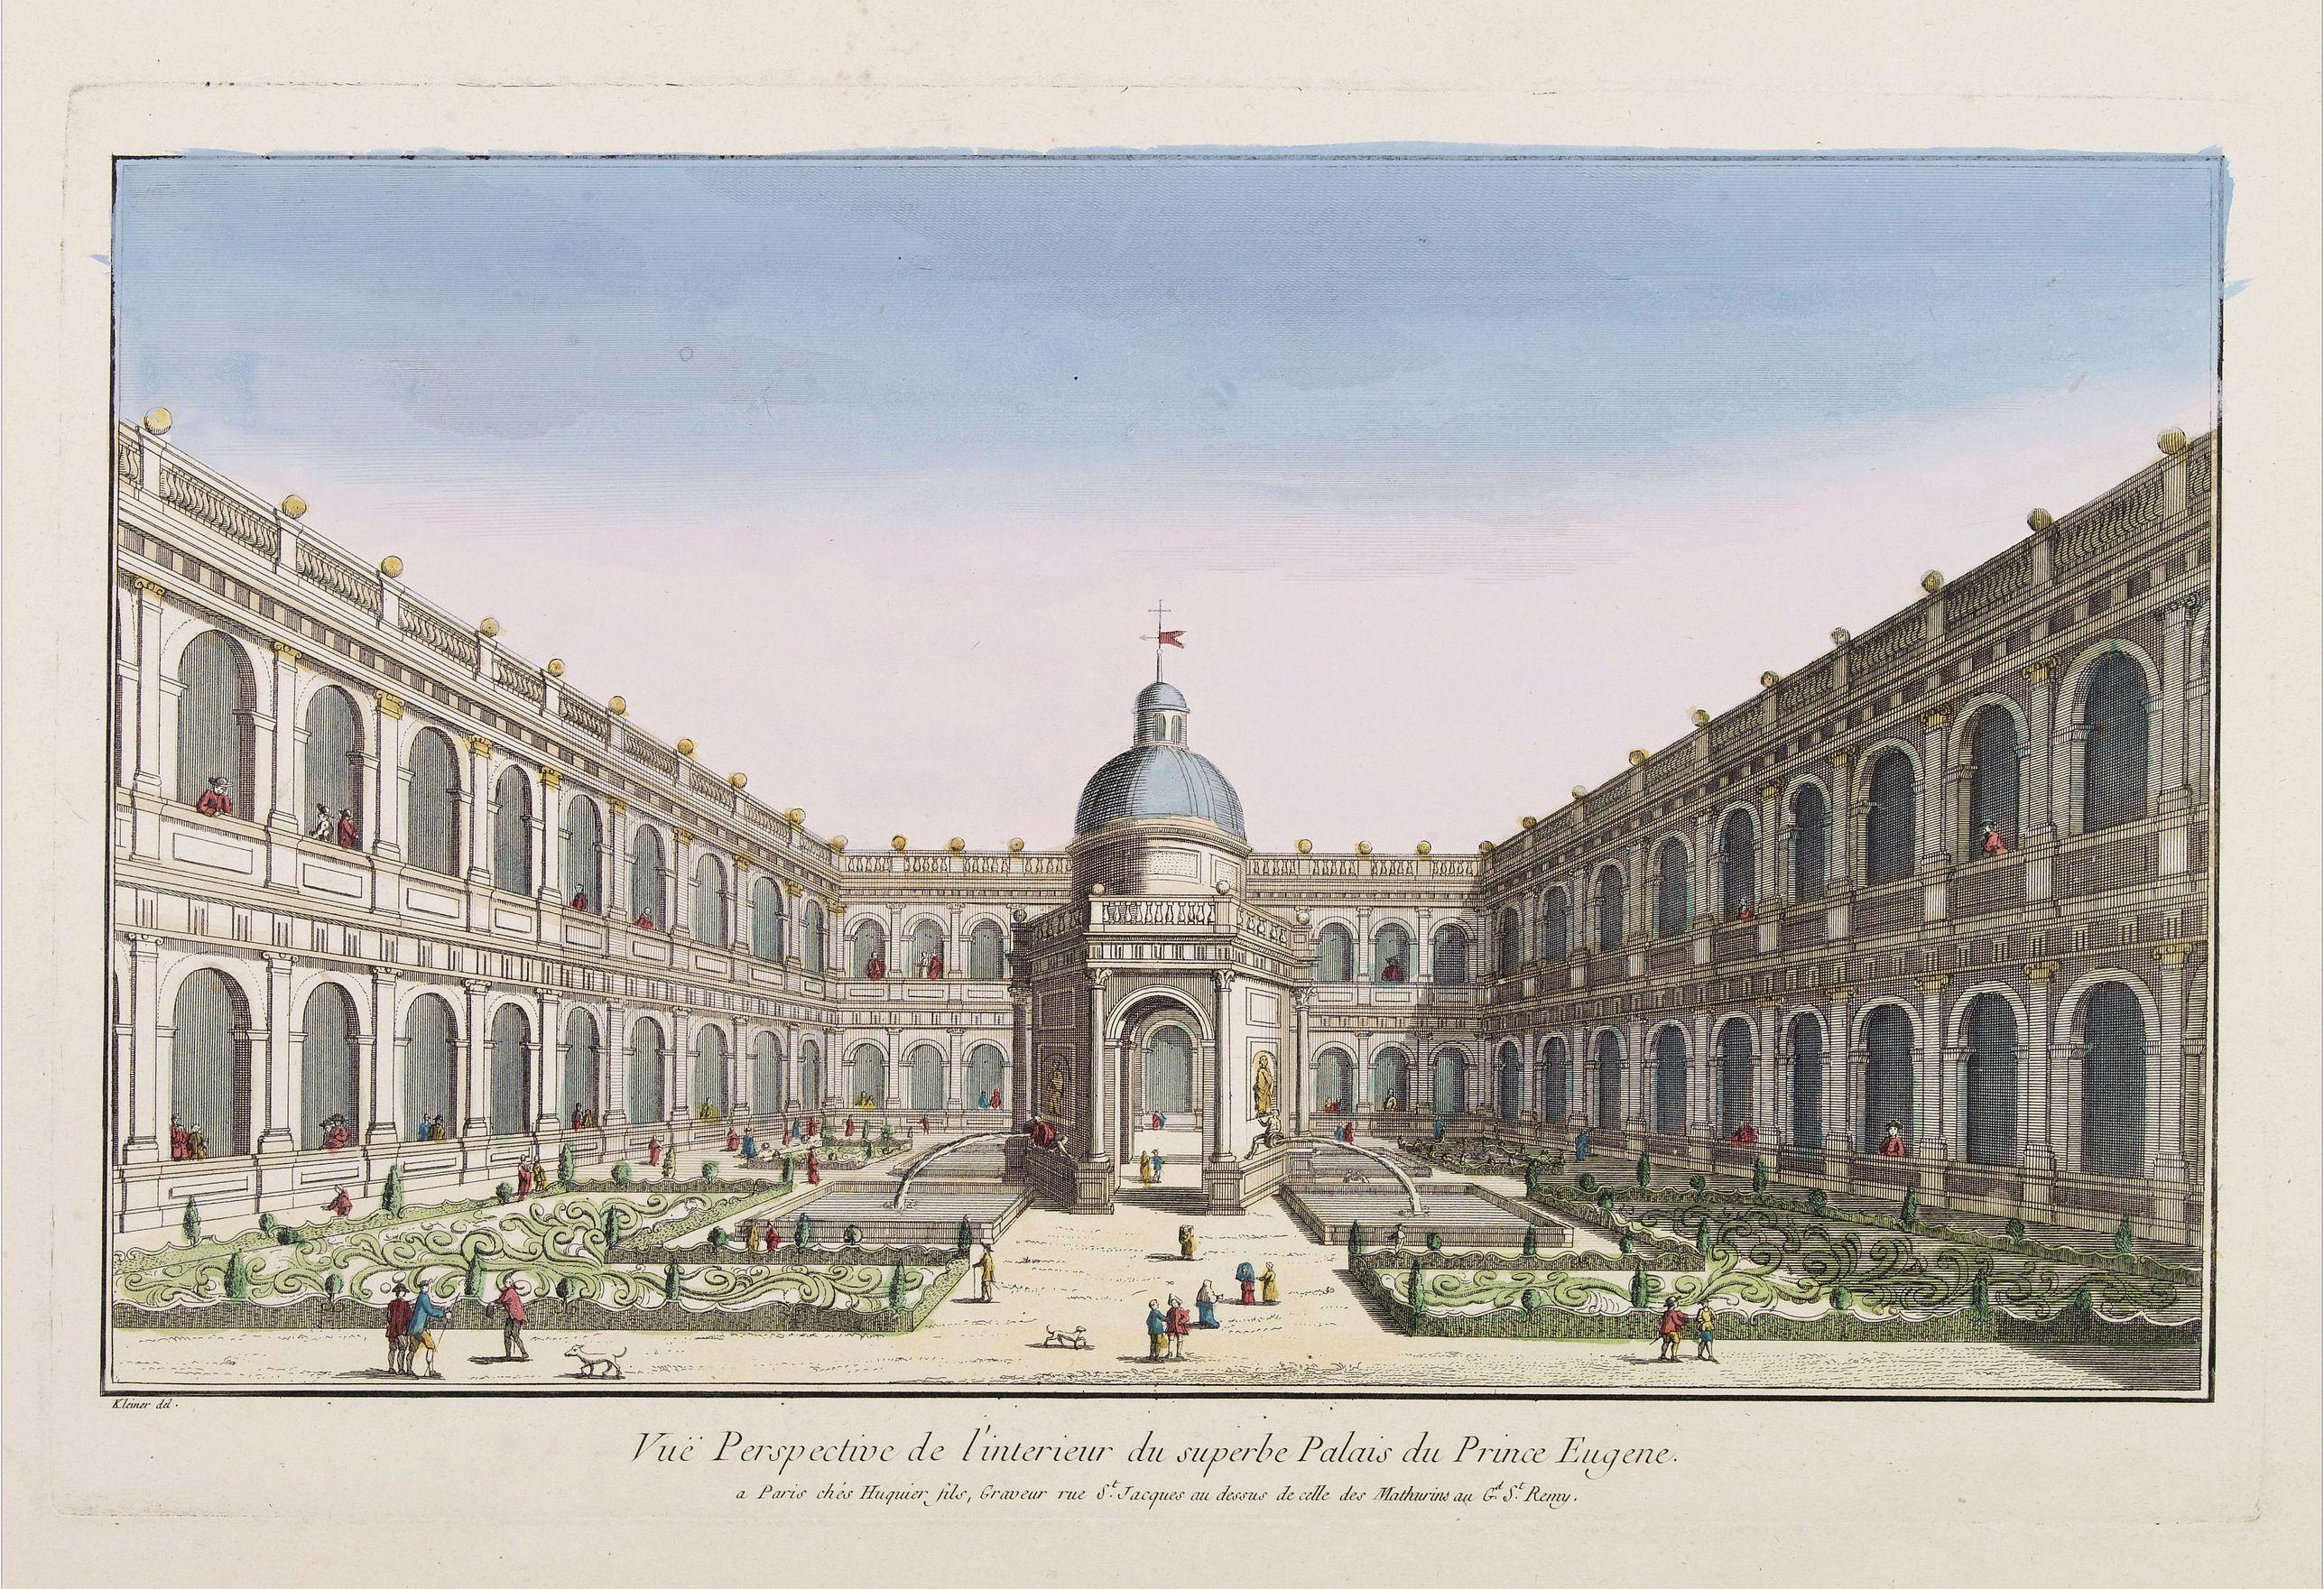 HUQUIER -  Vuë Perspective de l'interieur du superbe Palais du Prince Eugene.